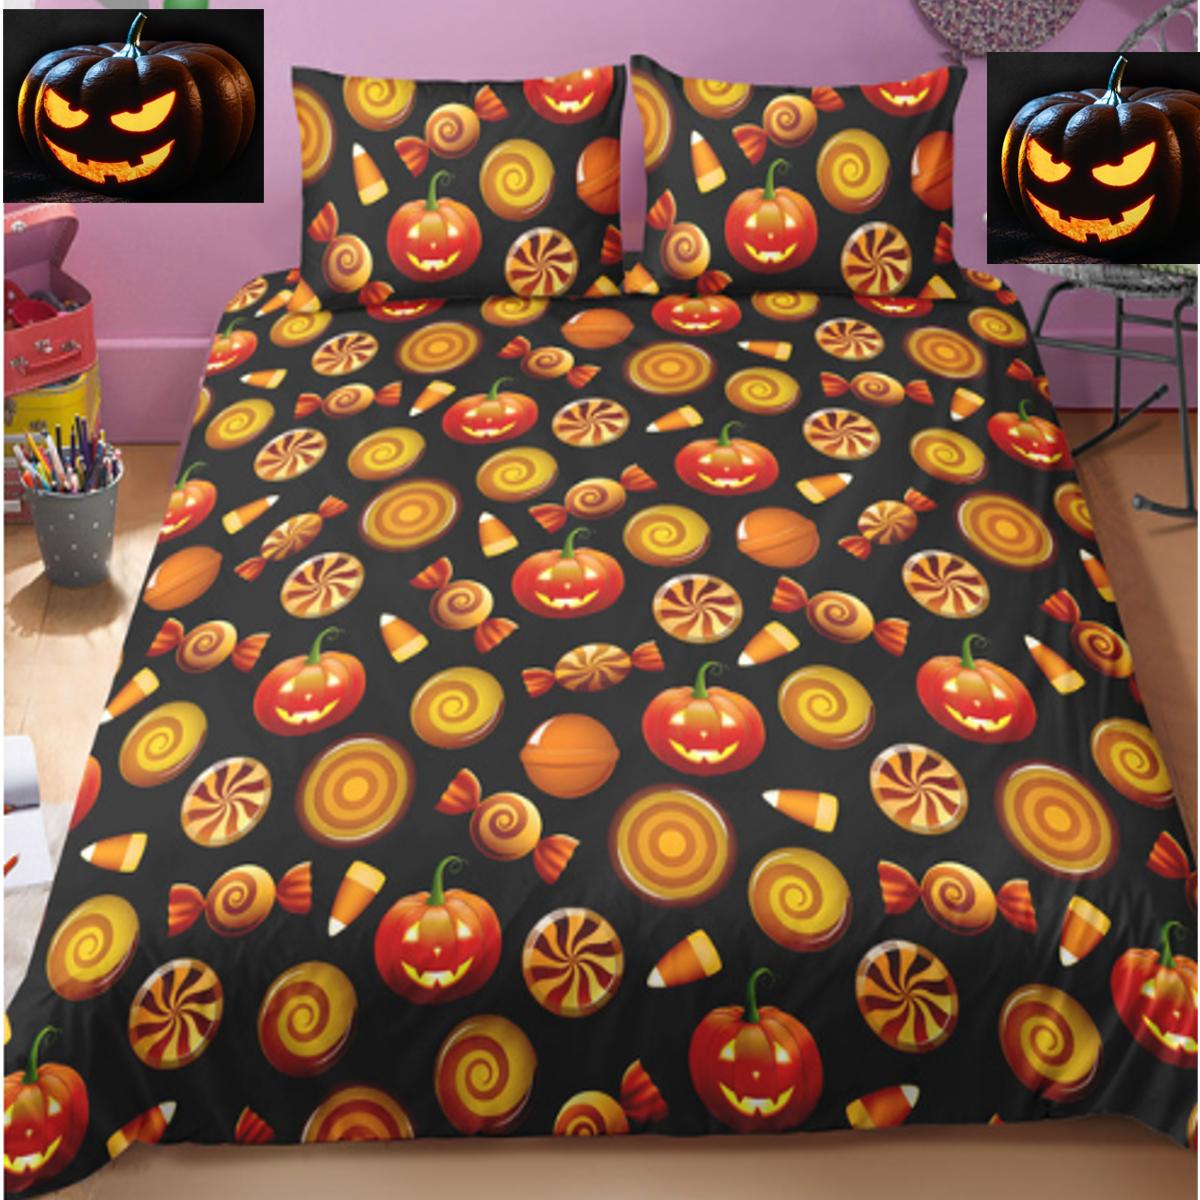 The Halloween Candy Duvet Bedding Set